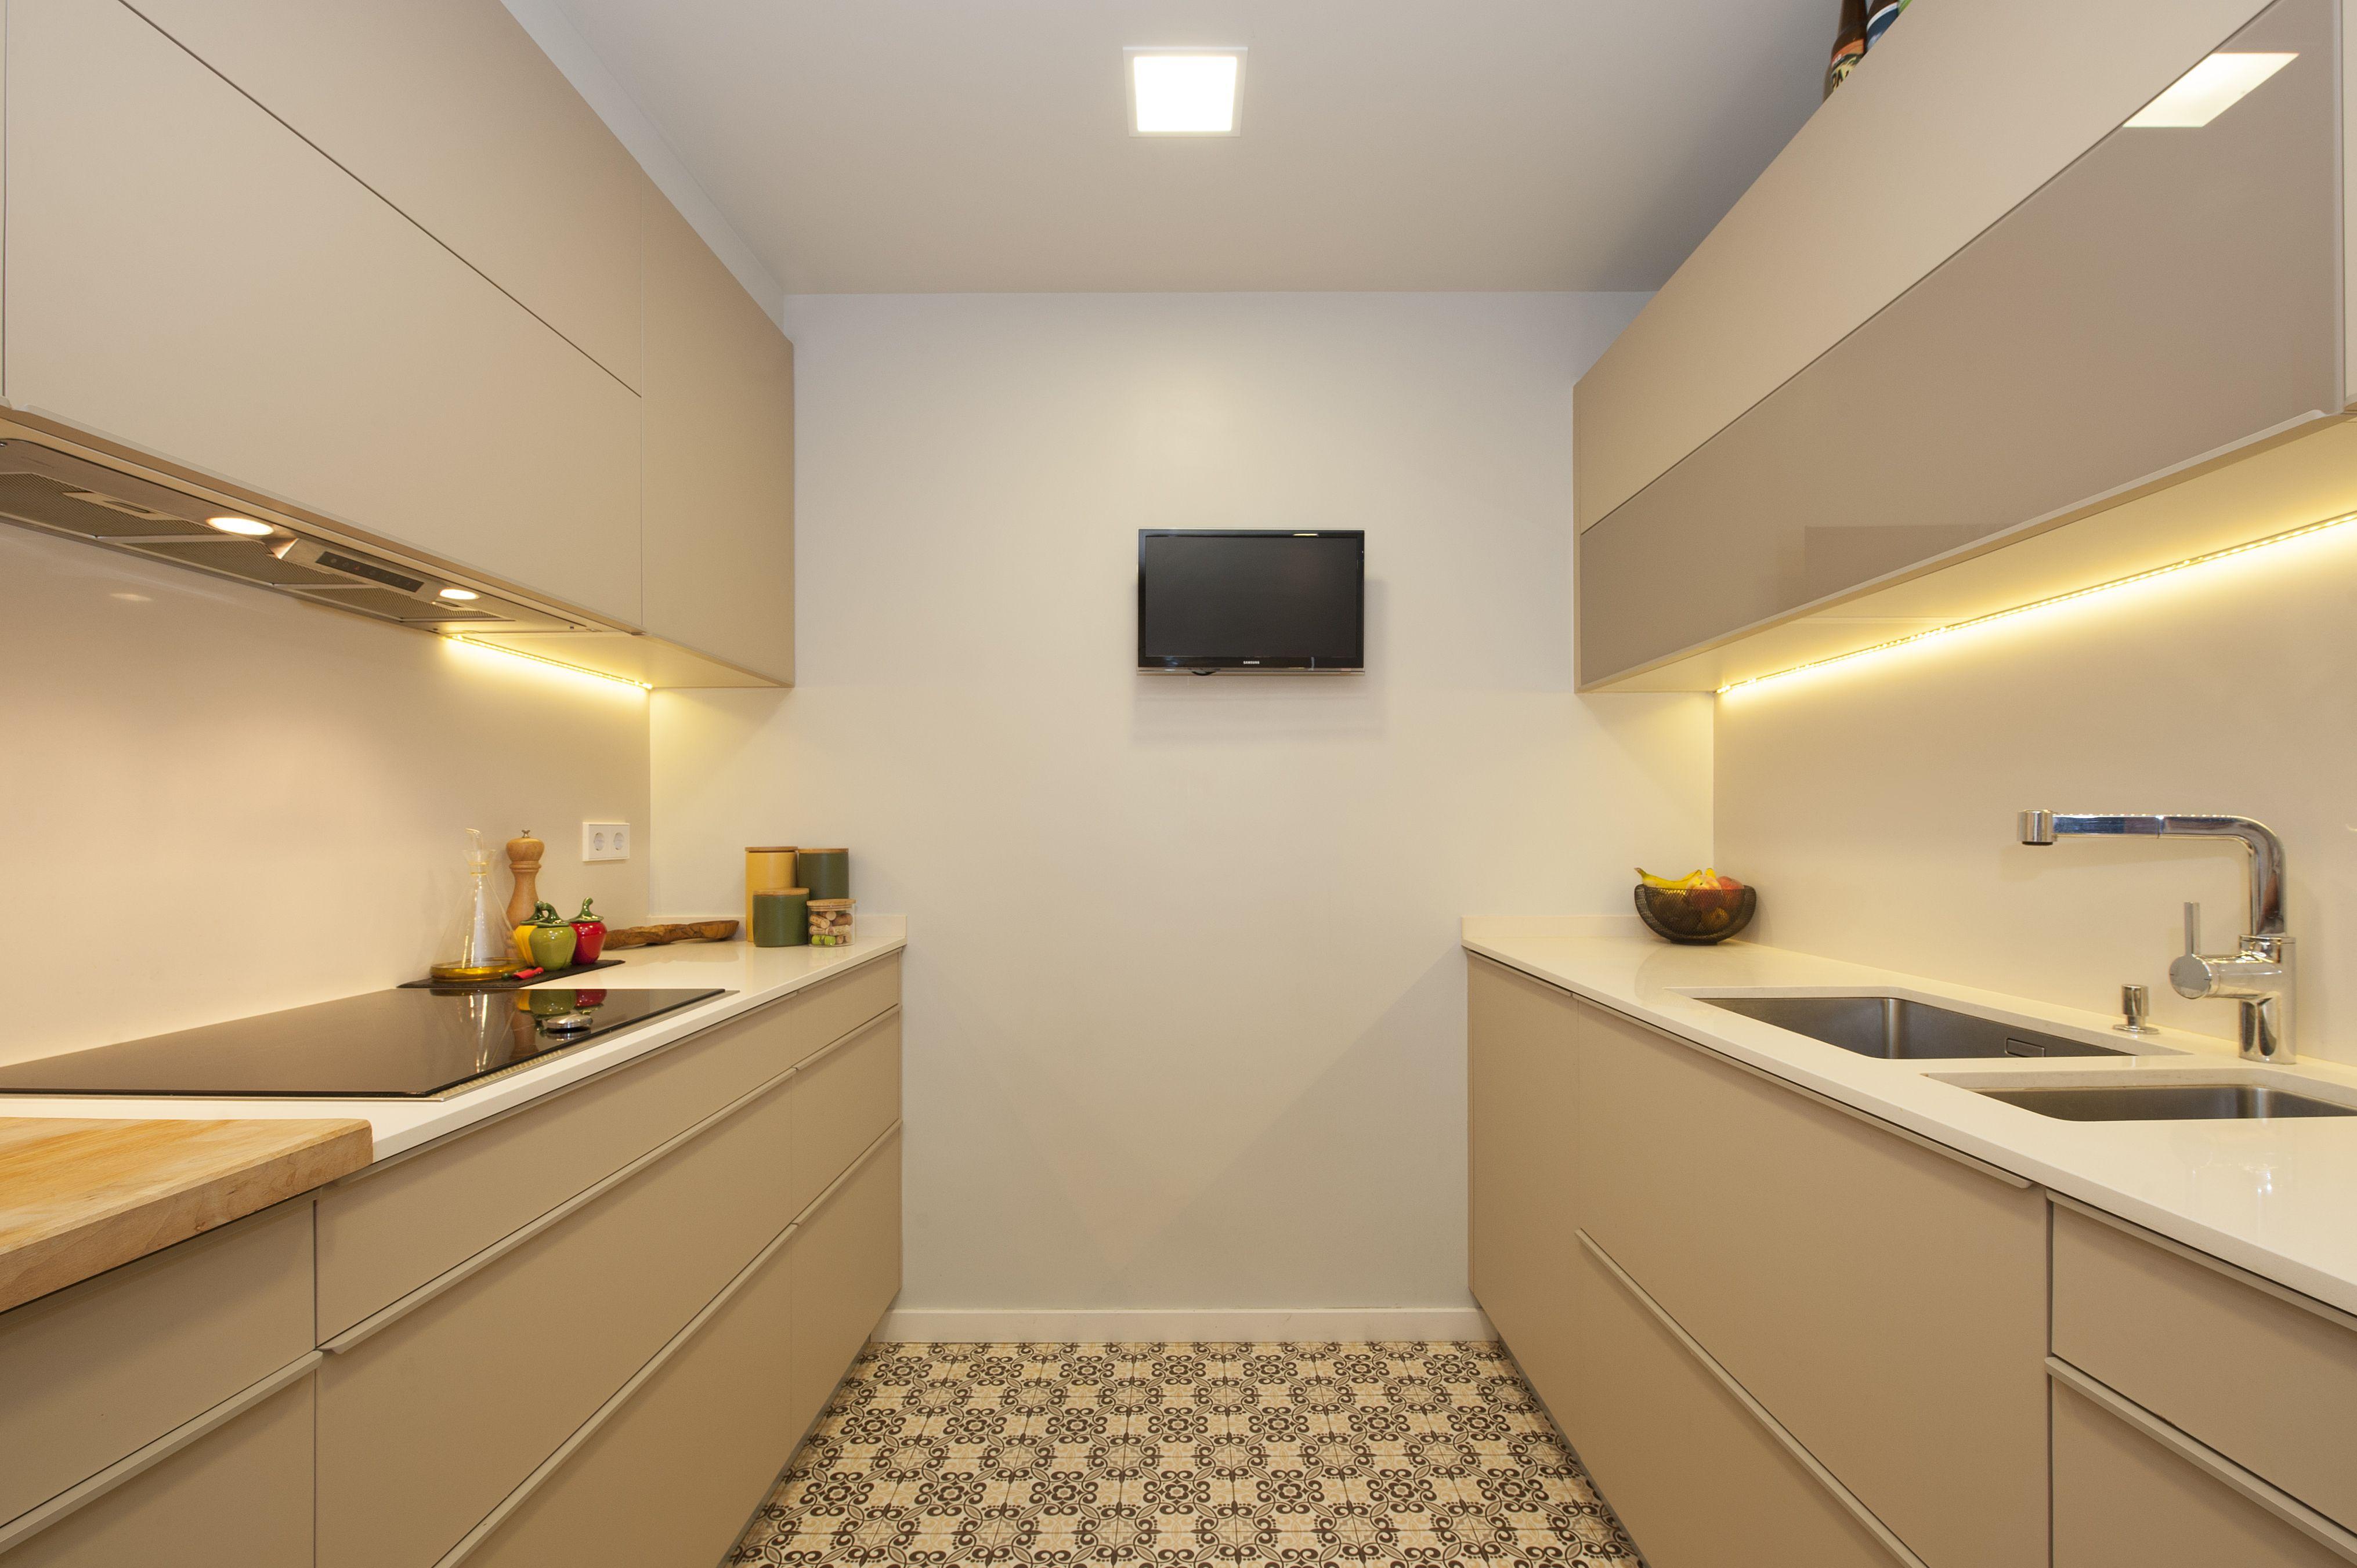 Cocina En Dos Frentes Paralelos Reforma El Putxet Sincro Cocinas Kitchens Dise Diseno Muebles De Cocina Estudio De Diseno De Interiores Diseno De Cocina